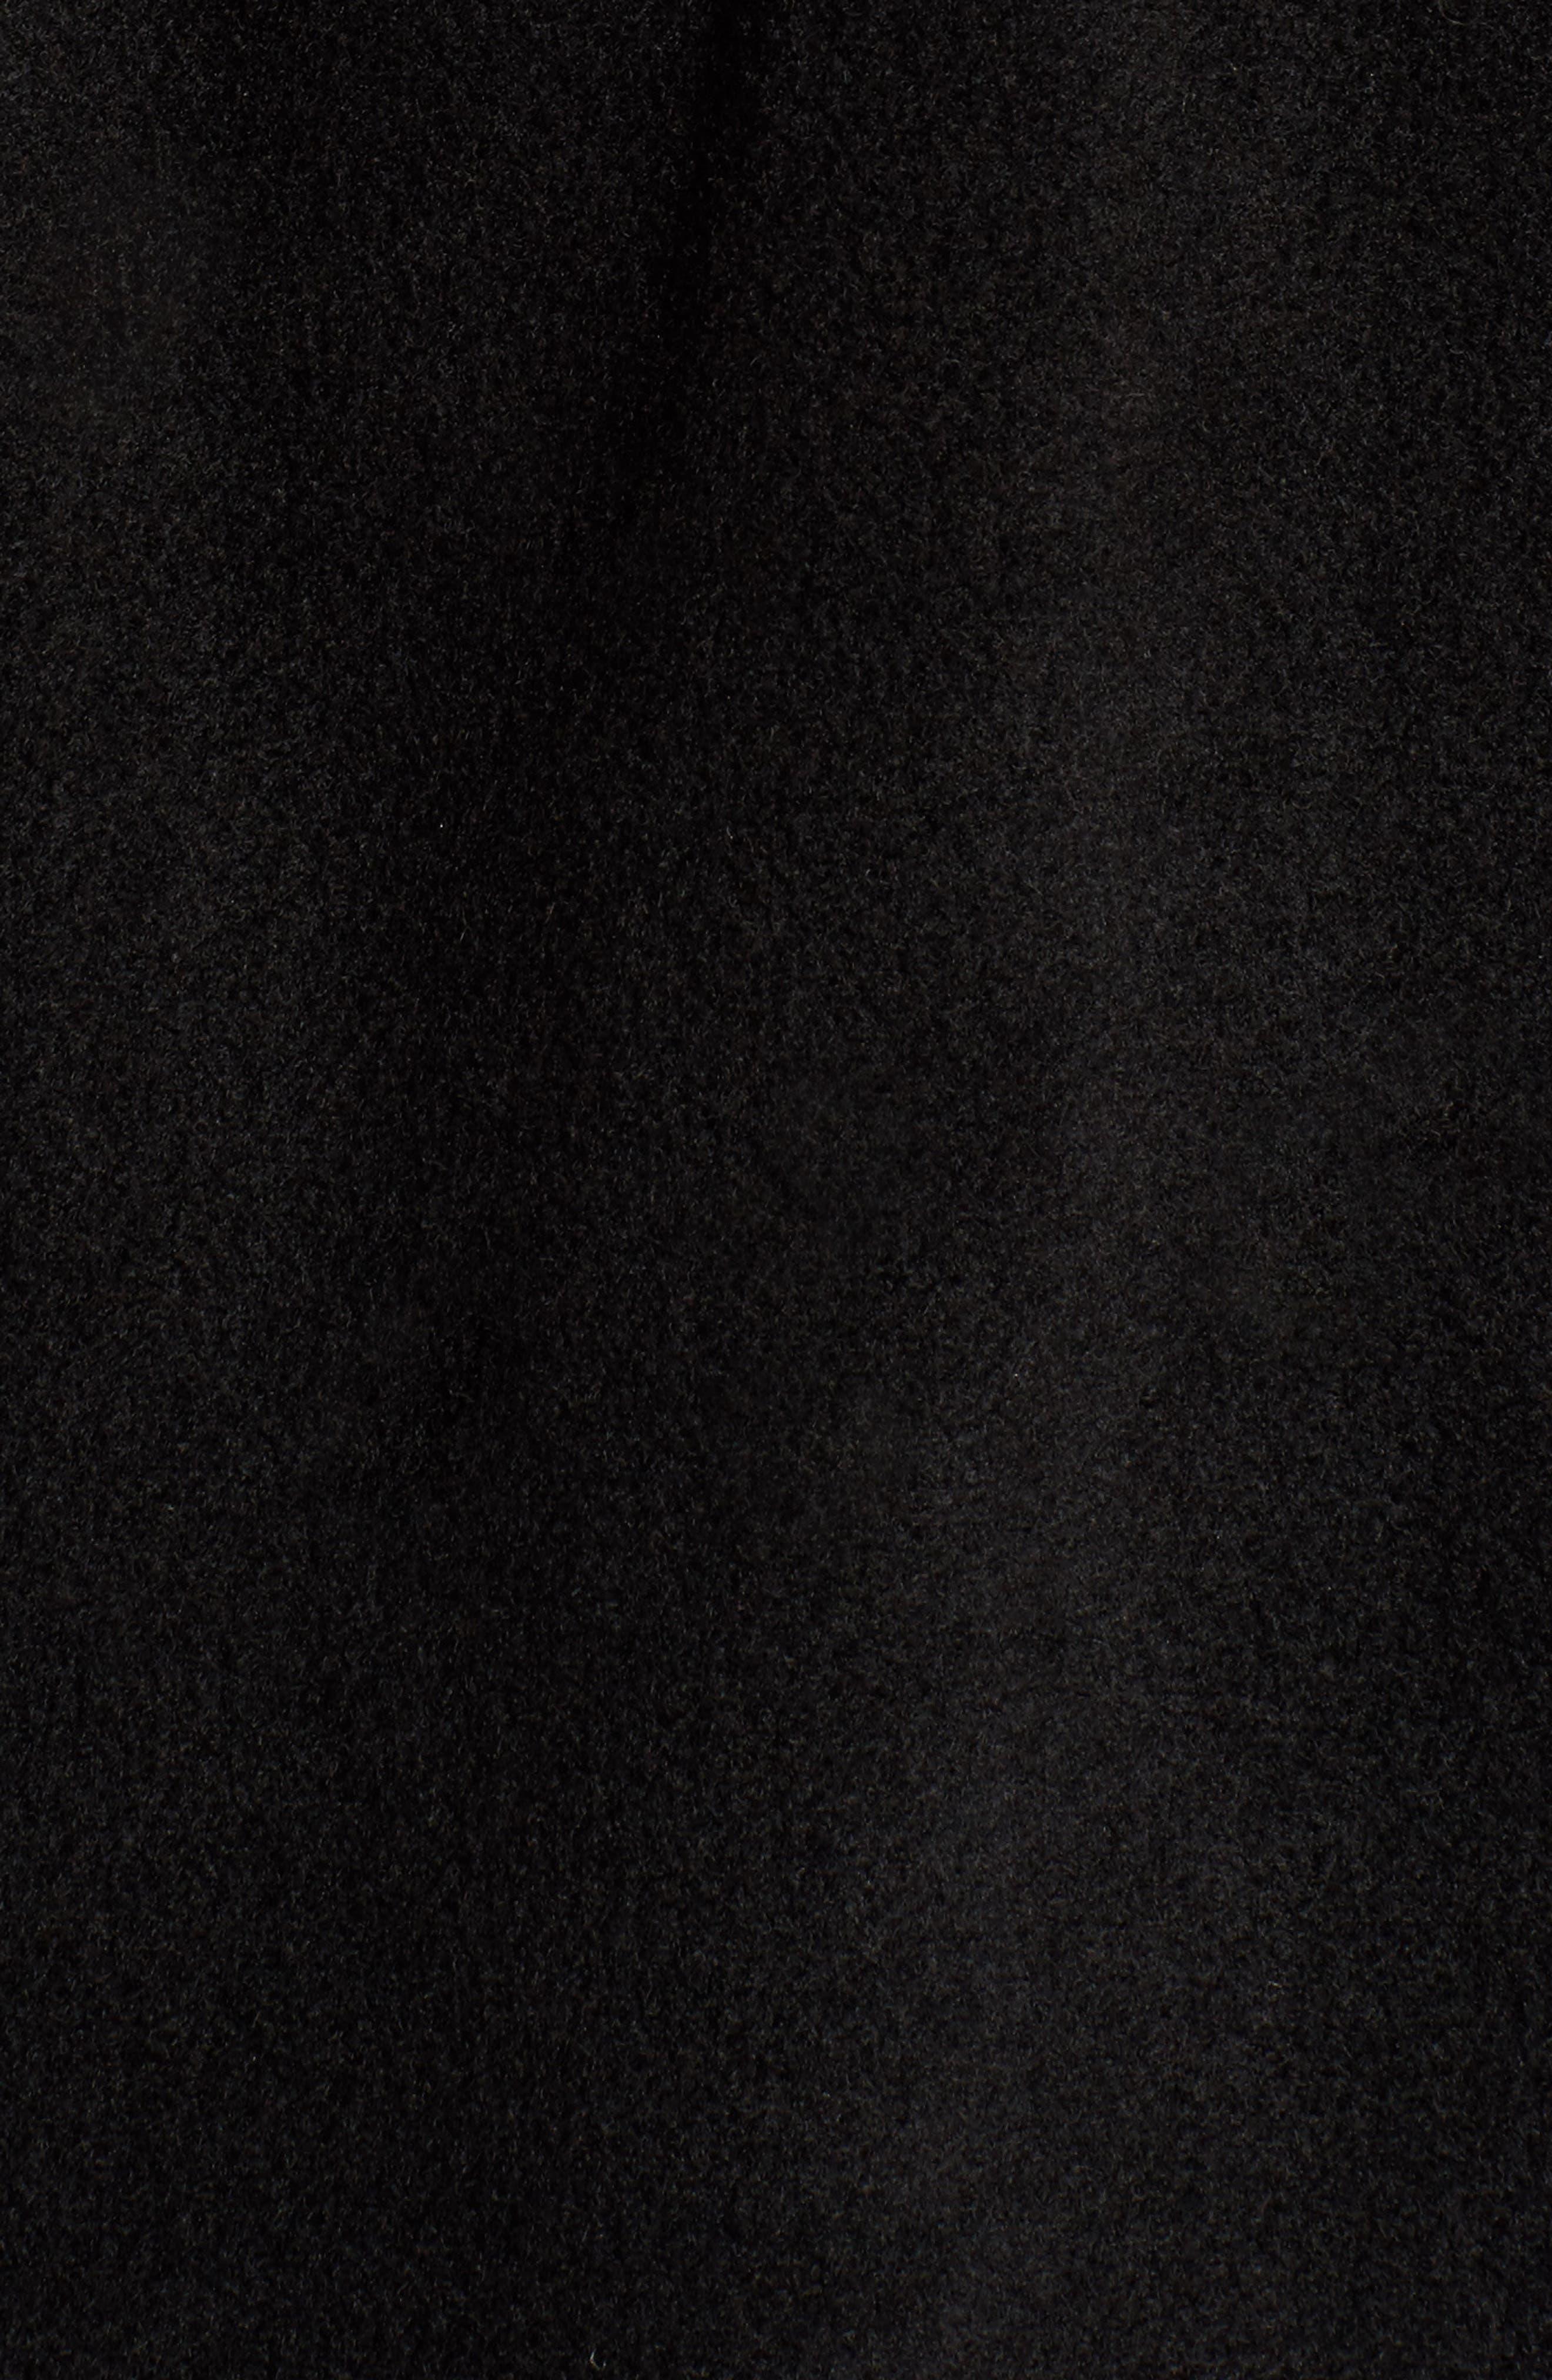 Chelsea Cape with Faux Fur Trim,                             Alternate thumbnail 5, color,                             001